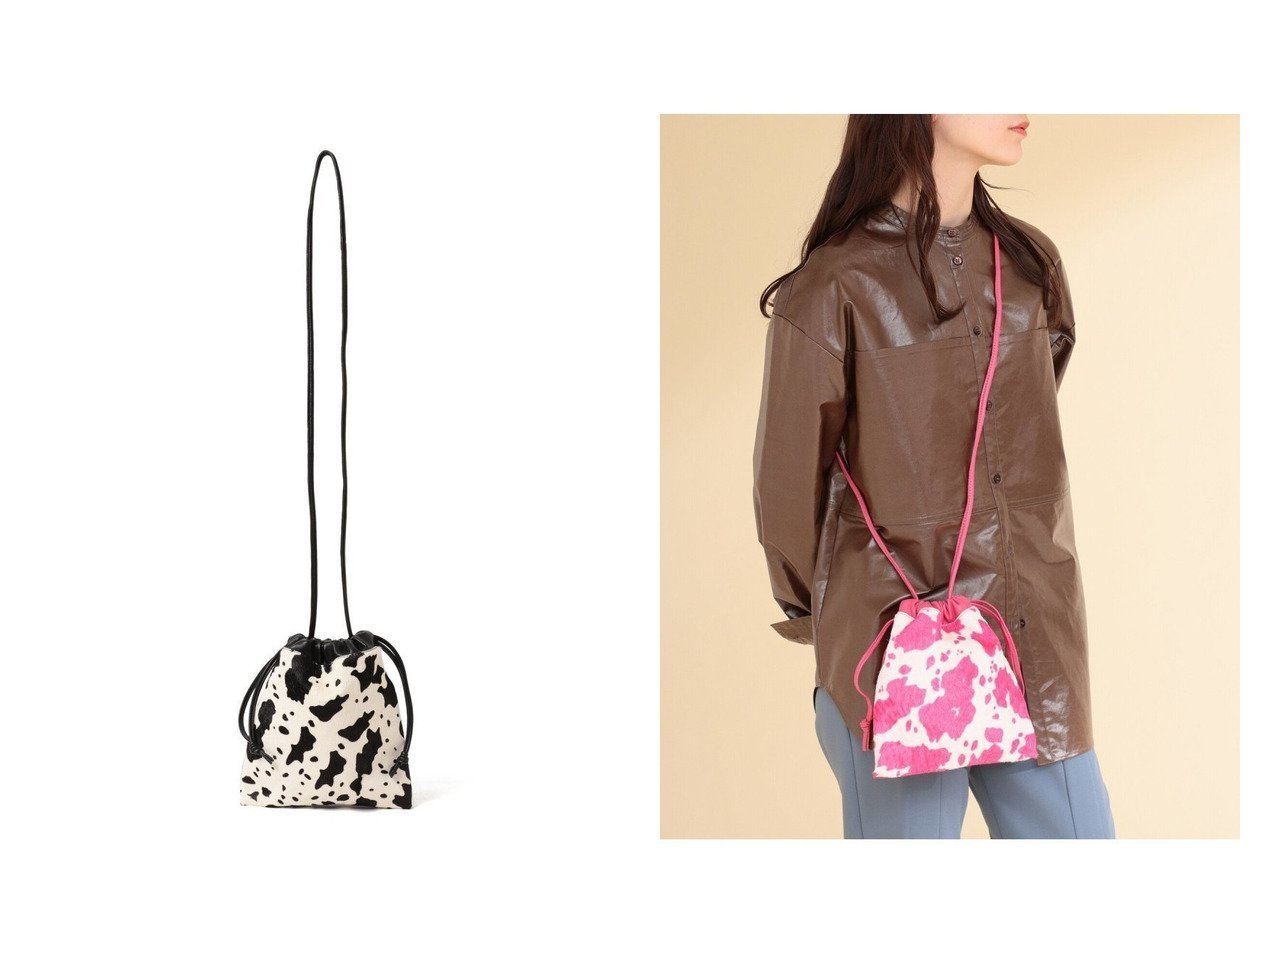 【Ray BEAMS/レイ ビームス】のCOW柄 巾着 バッグ 【バッグ・鞄】おすすめ!人気、トレンド・レディースファッションの通販 おすすめで人気の流行・トレンド、ファッションの通販商品 インテリア・家具・メンズファッション・キッズファッション・レディースファッション・服の通販 founy(ファニー) https://founy.com/ ファッション Fashion レディースファッション WOMEN バッグ Bag A/W・秋冬 AW・Autumn/Winter・FW・Fall-Winter トレンド ワンポイント 巾着 |ID:crp329100000067748